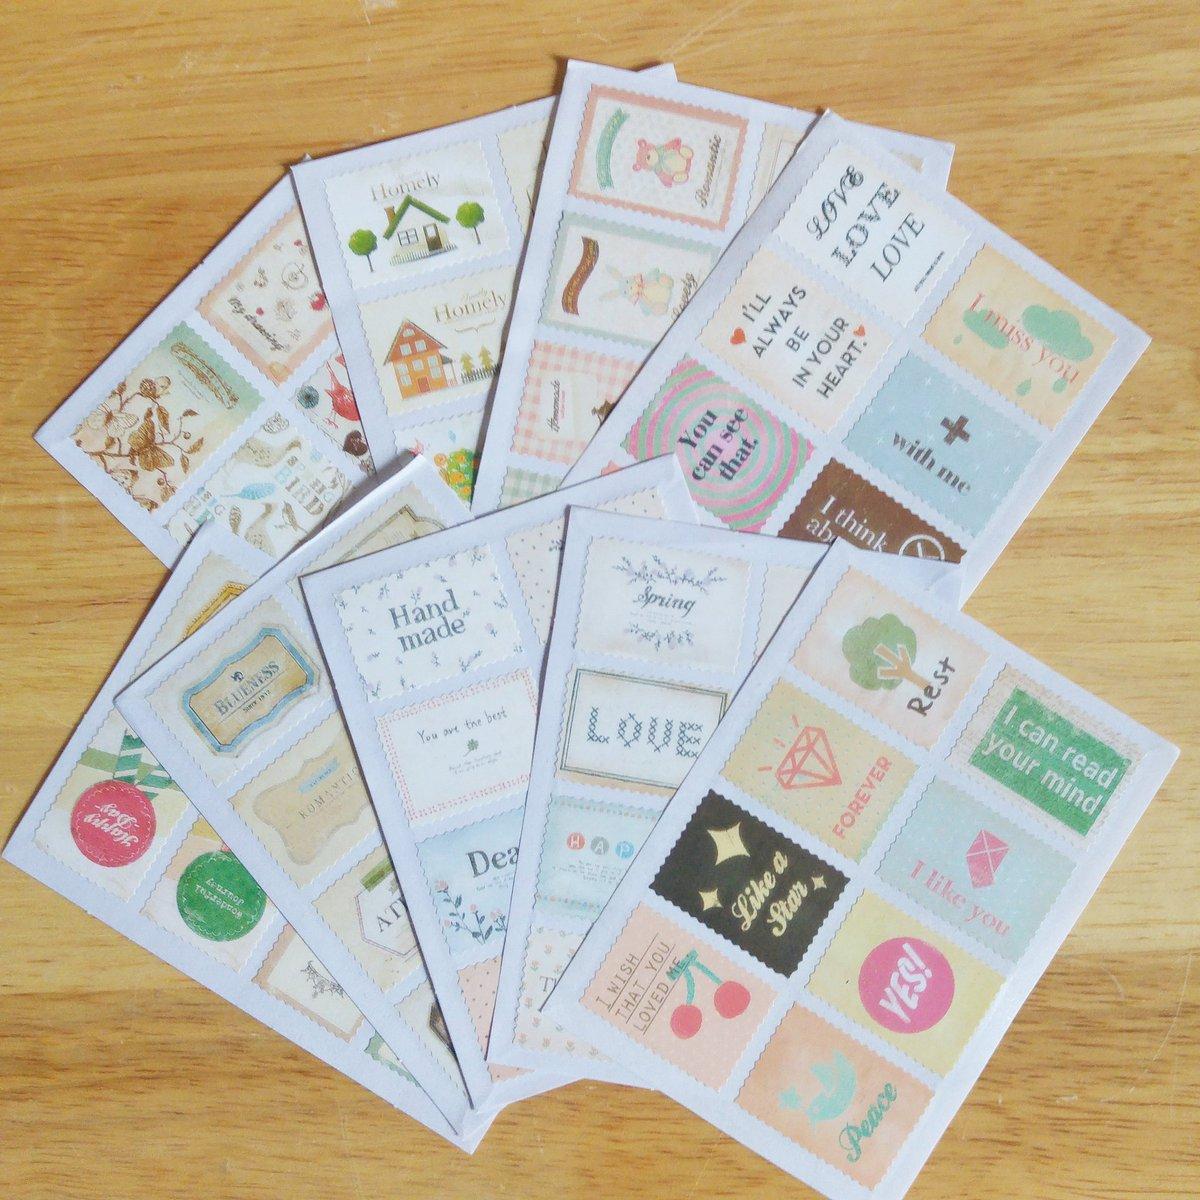 Des stickers timbres aux messages et aux motifs tout mignons vous attendent sur la boutique  #diy  #stickers  #planner  #scrapbooking<br>http://pic.twitter.com/LcBBATJjuN